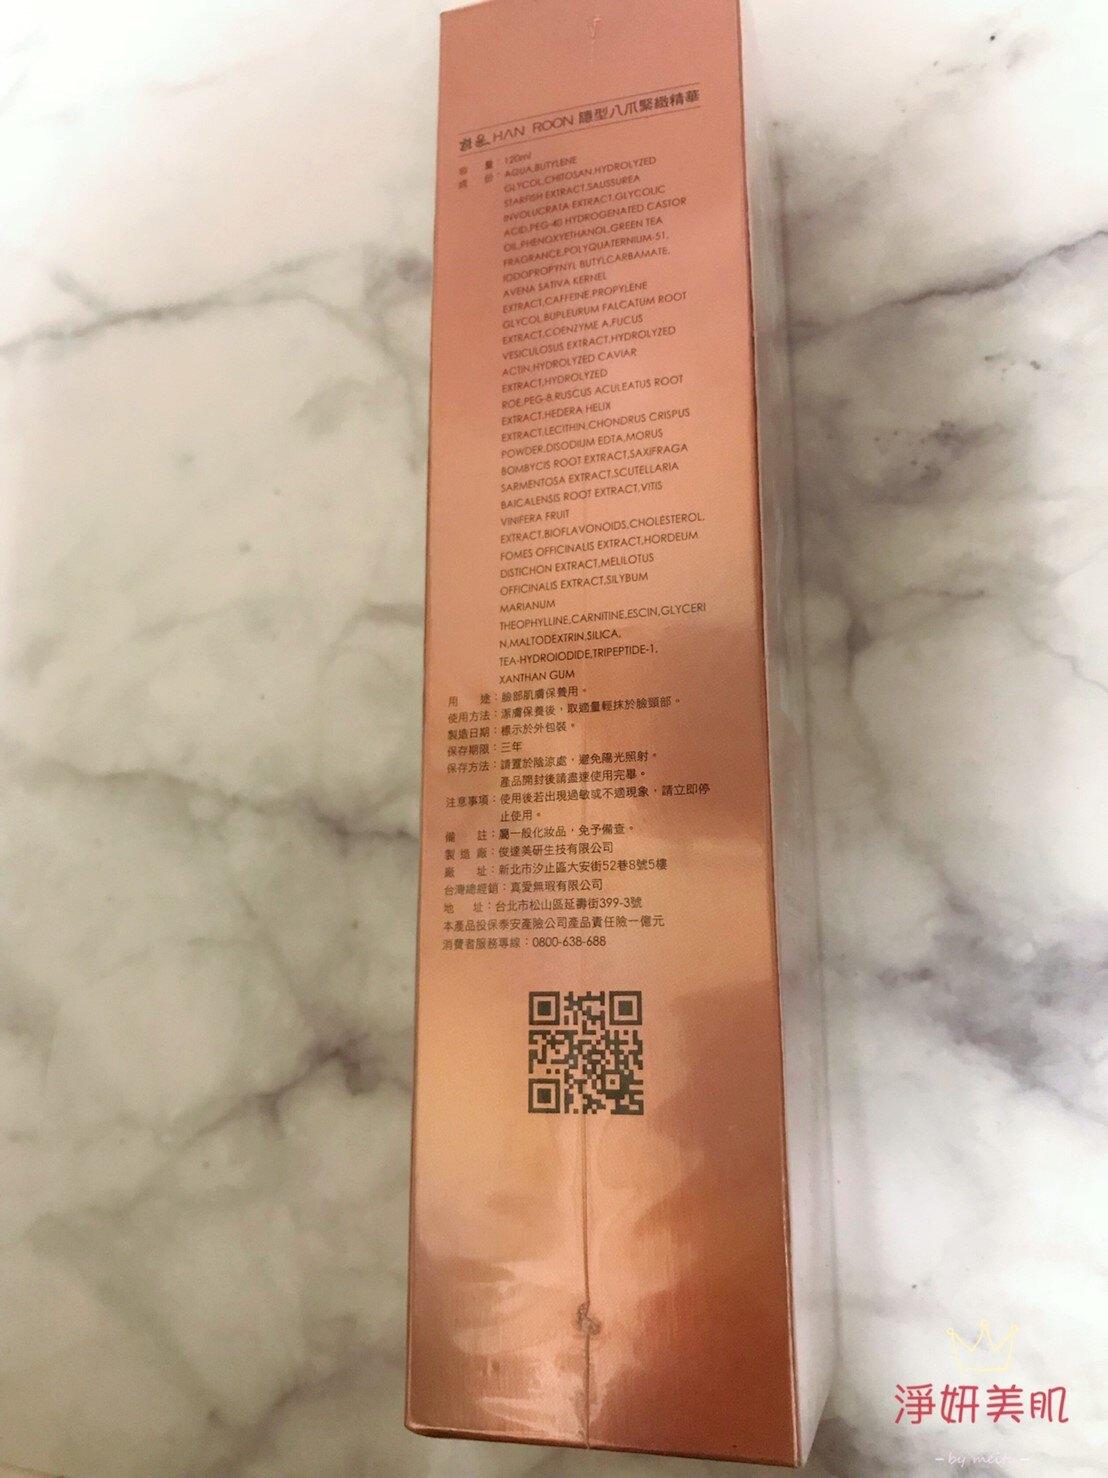 韓潤HANROON_V型瞬間緊塑精華玫瑰金限量版120ml 隱型八爪緊緻精華 效期2023.04【淨妍美肌】